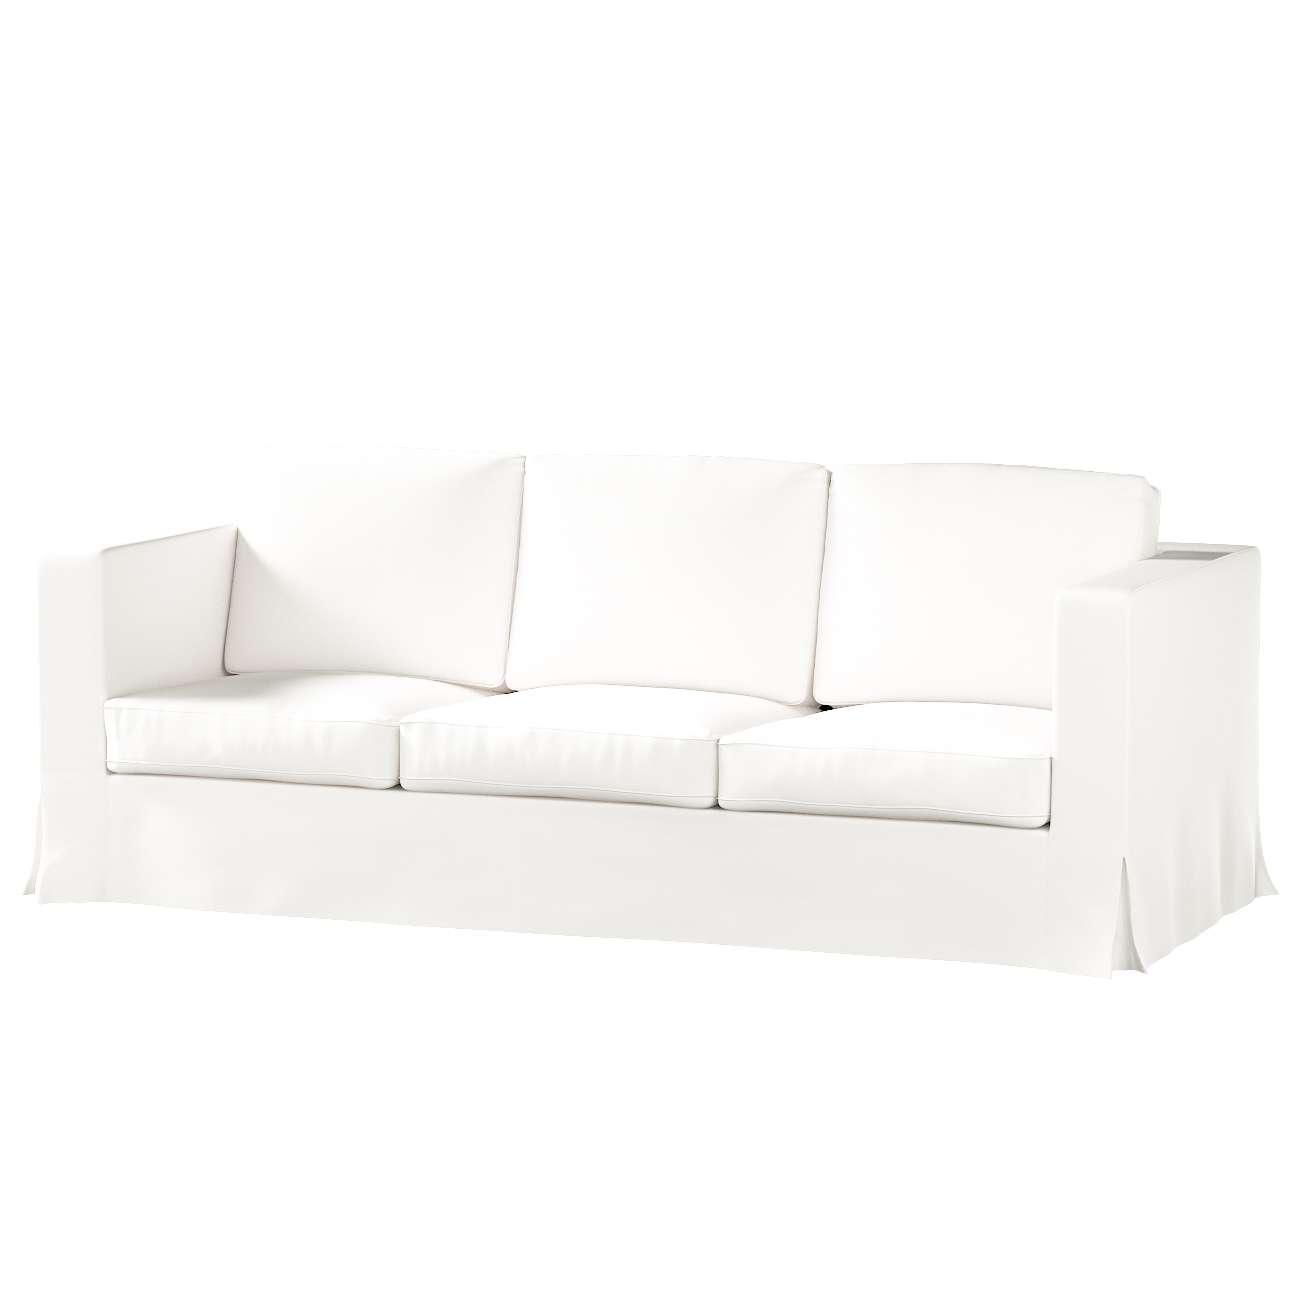 Pokrowiec na sofę Karlanda 3-osobową nierozkładaną, długi Sofa Karlanda 3-os w kolekcji Cotton Panama, tkanina: 702-34